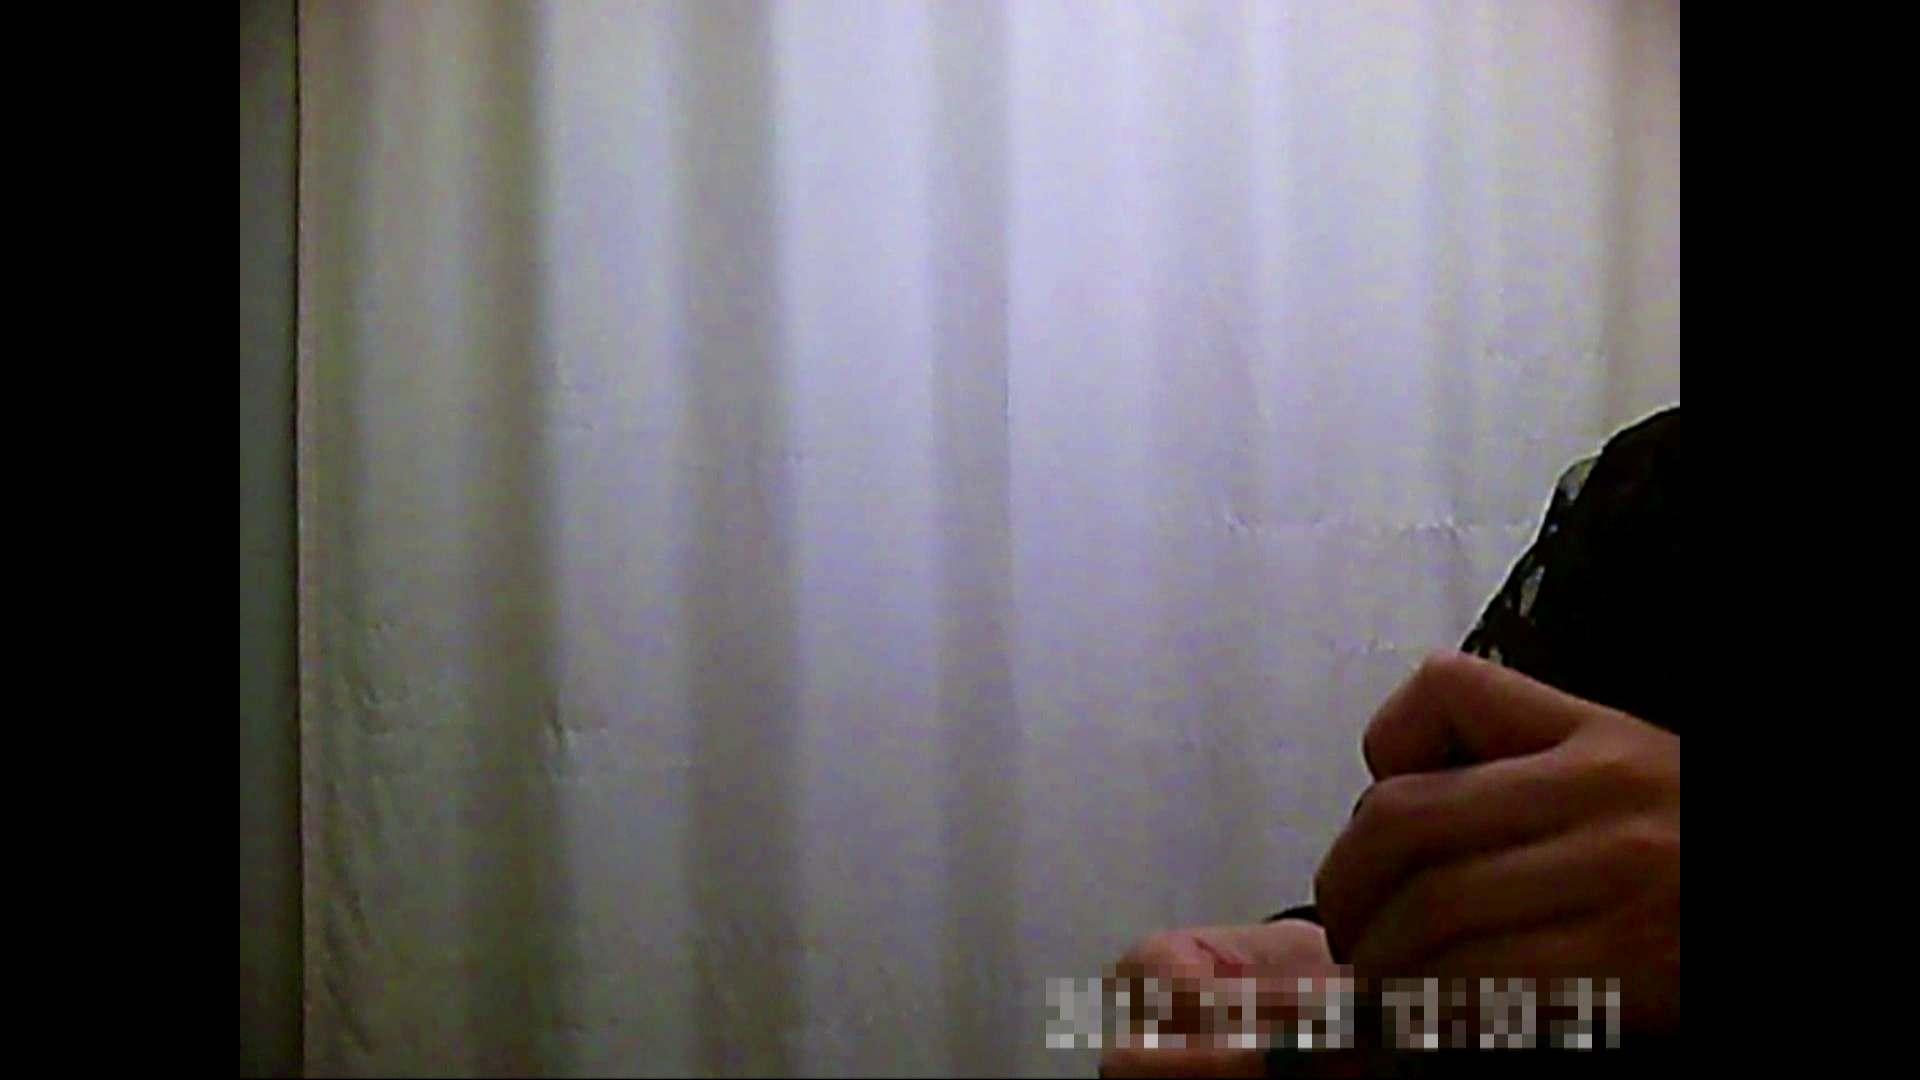 病院おもいっきり着替え! vol.186 盗撮特集 AV無料動画キャプチャ 101画像 43